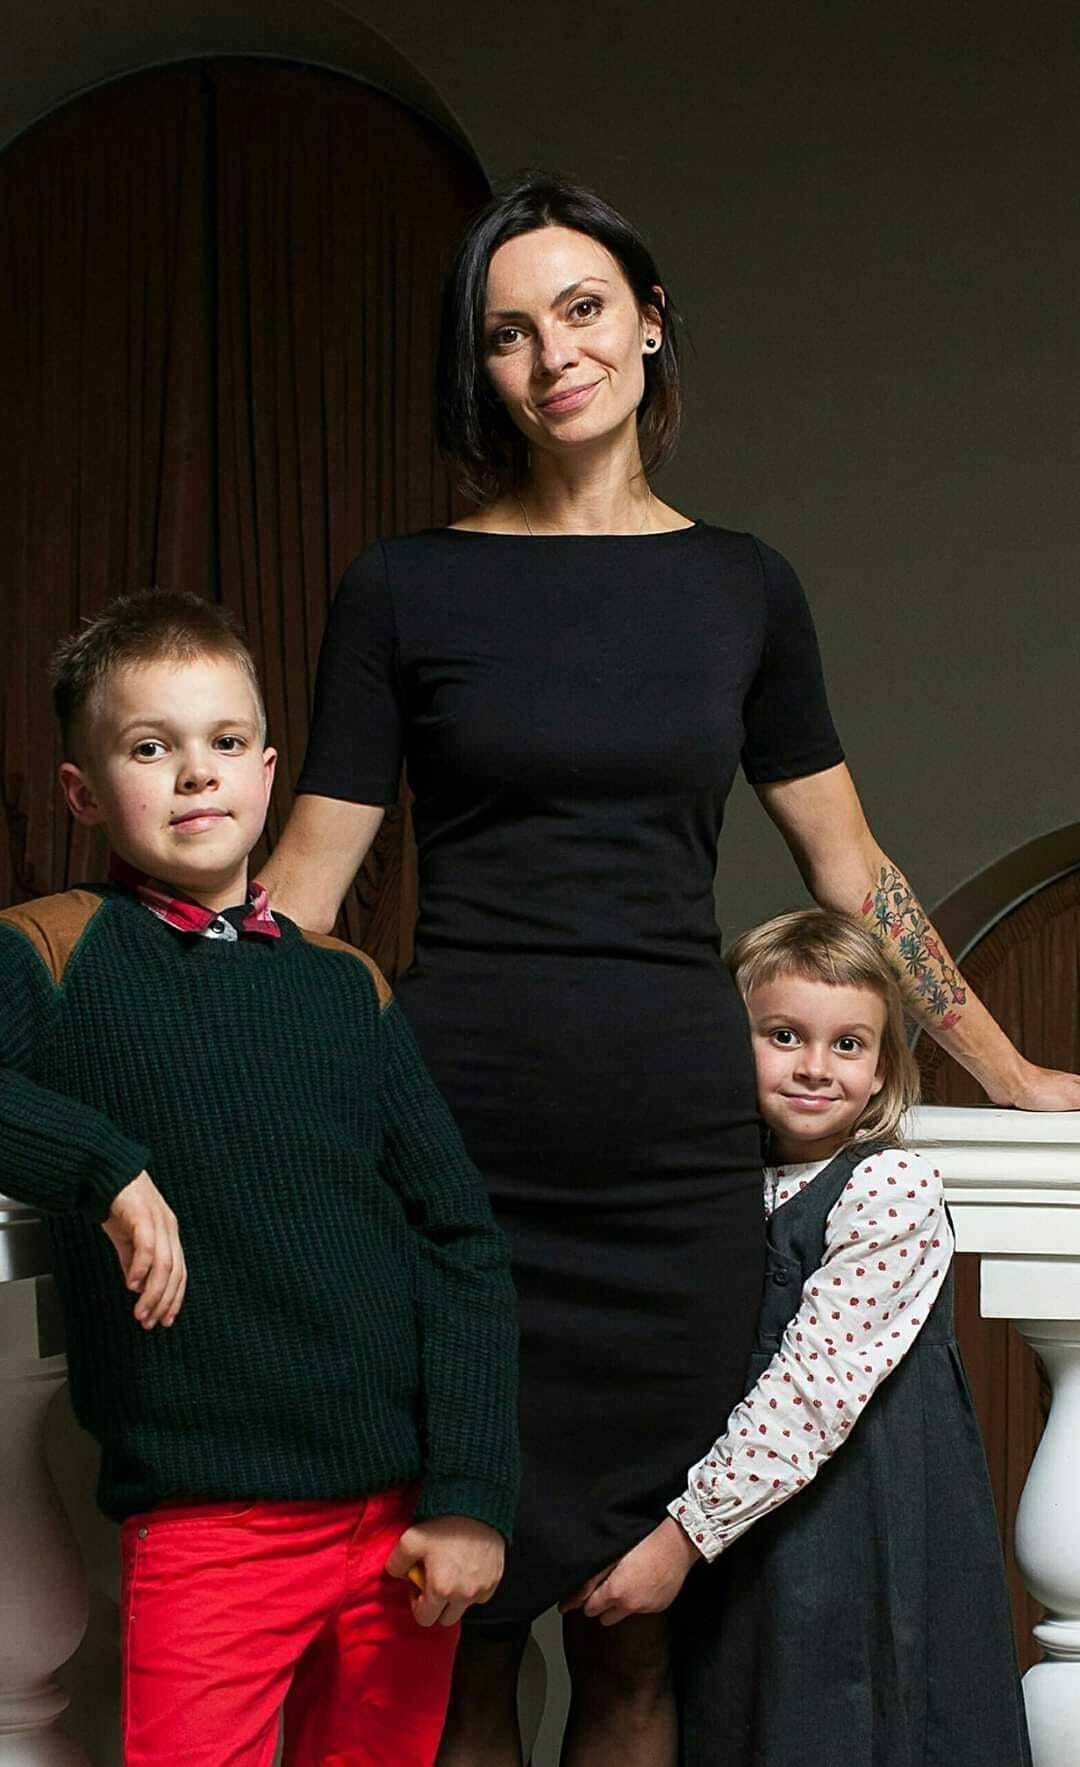 Шпаковская уехала из страны, чтобы ее дети были в безопасности